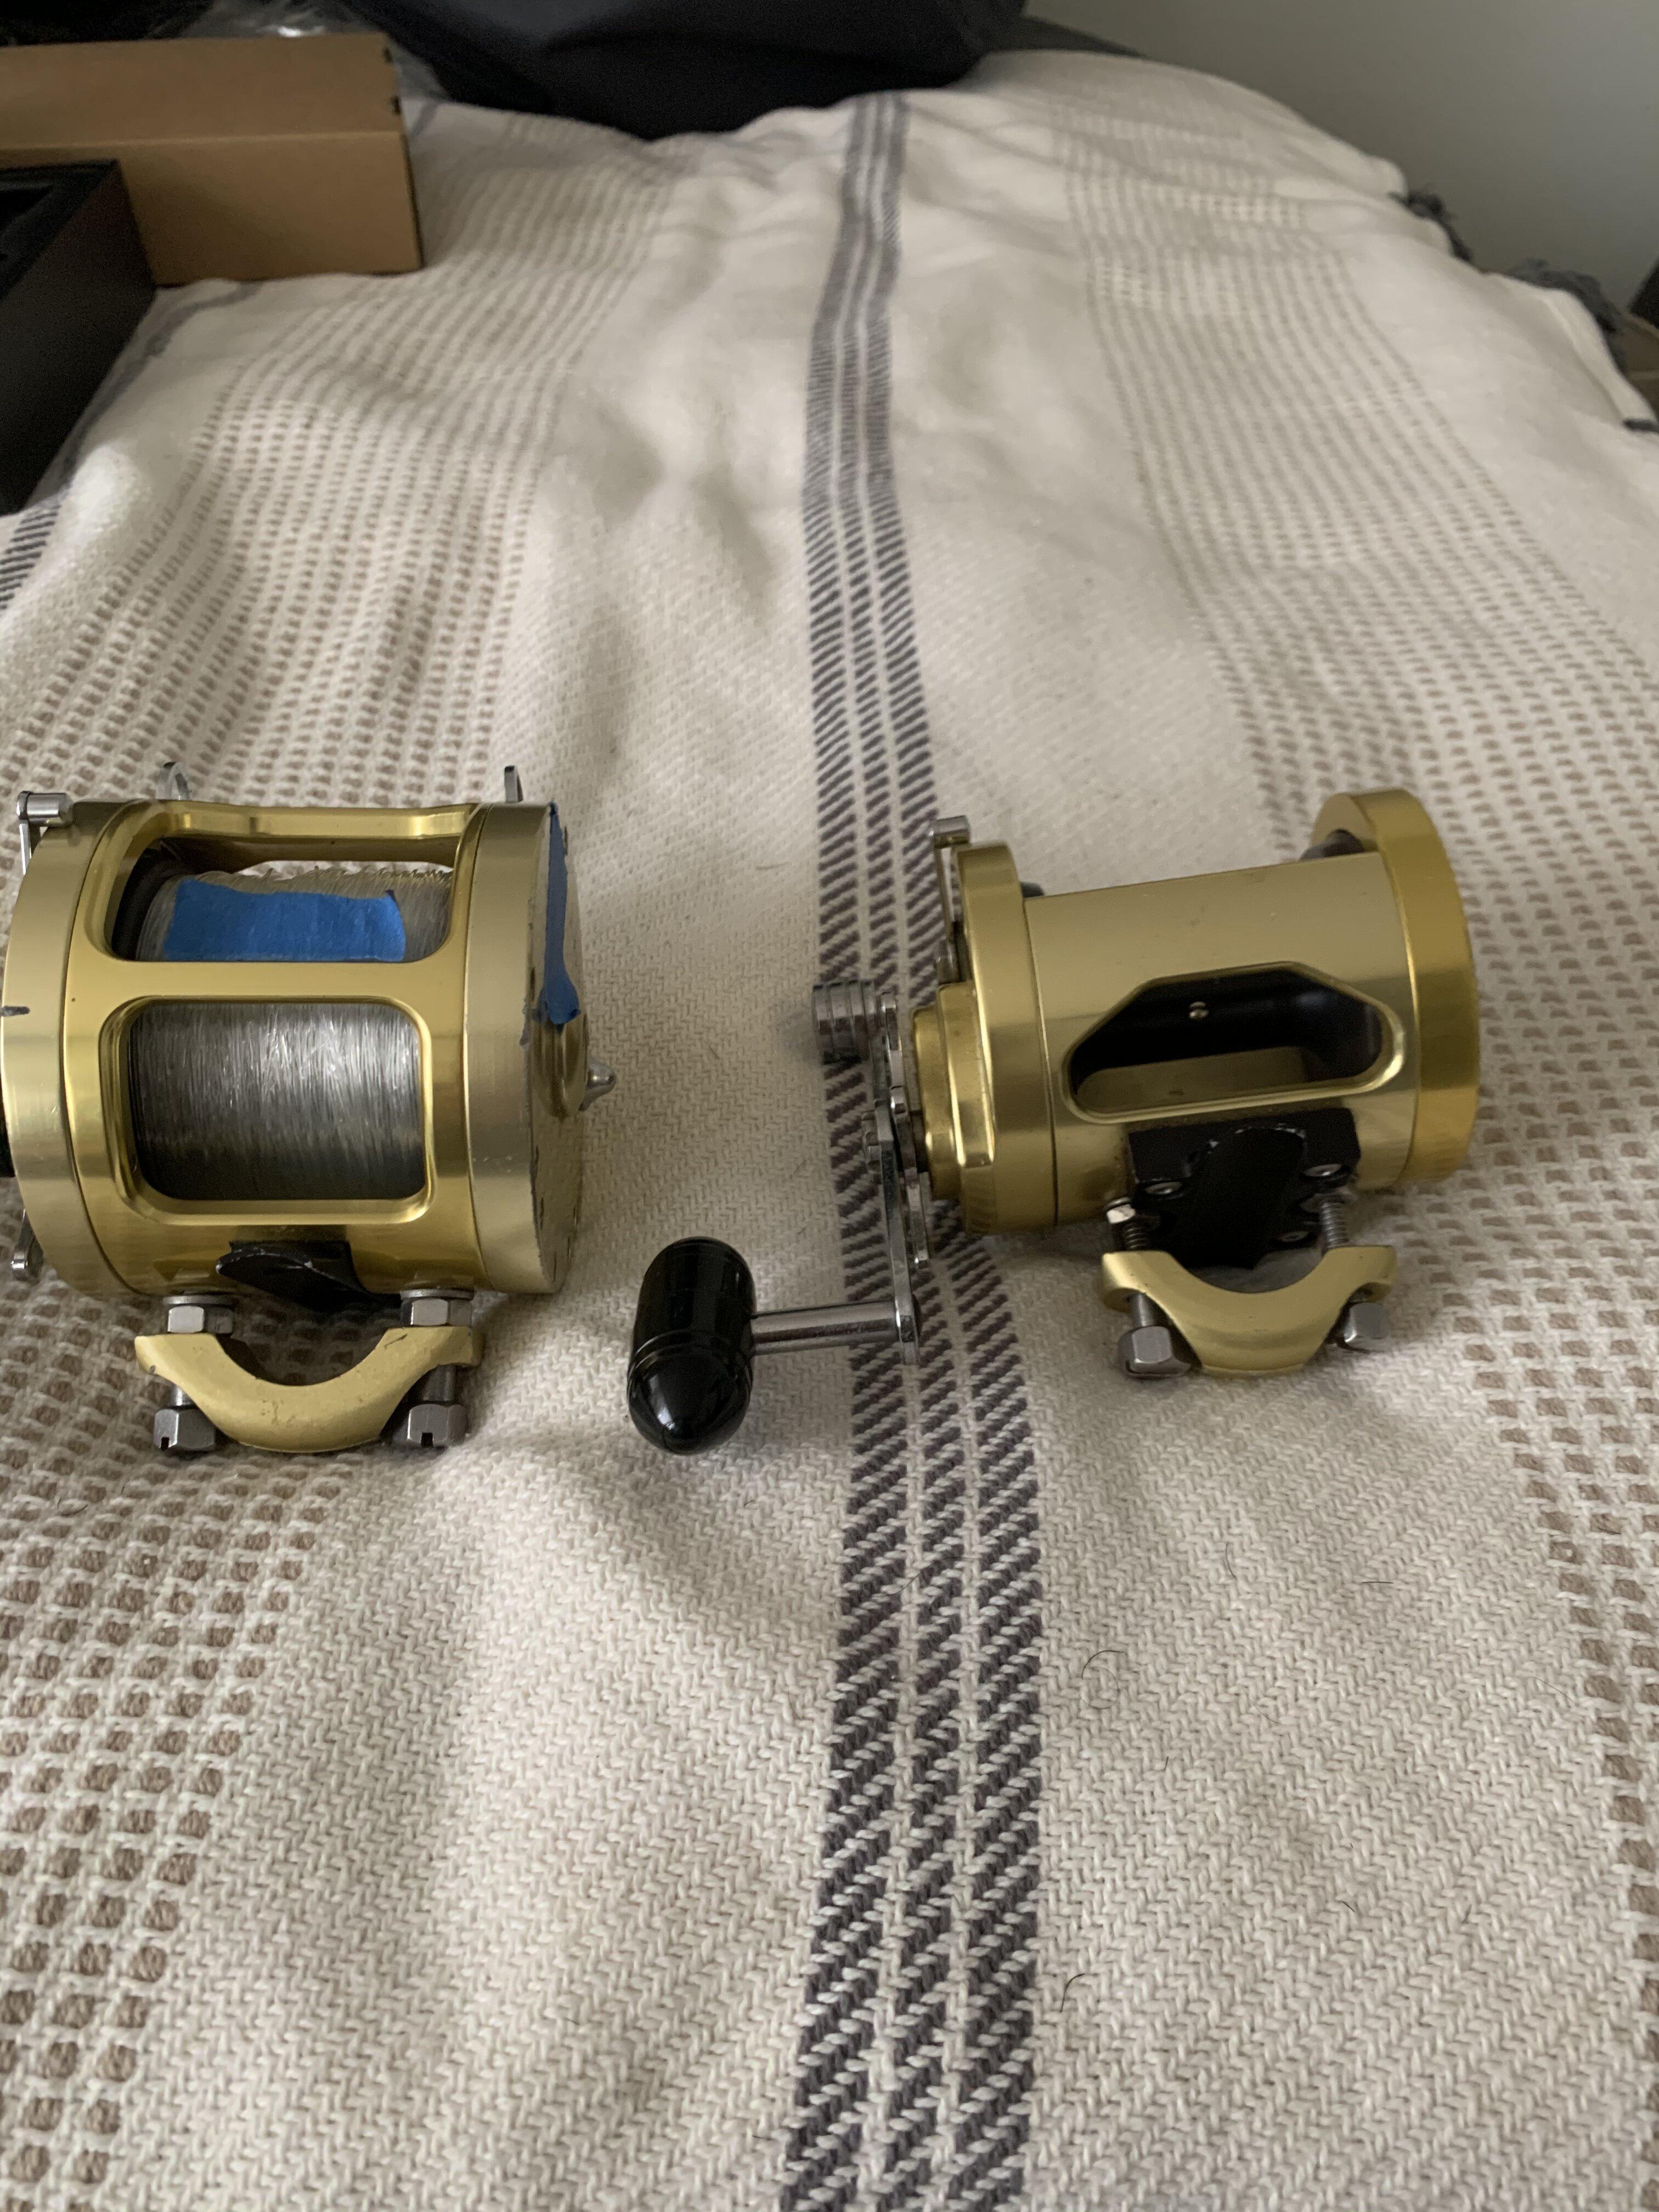 7CAB7360-F3BB-4AC9-A5AD-6A9DC5B3B95C.jpeg